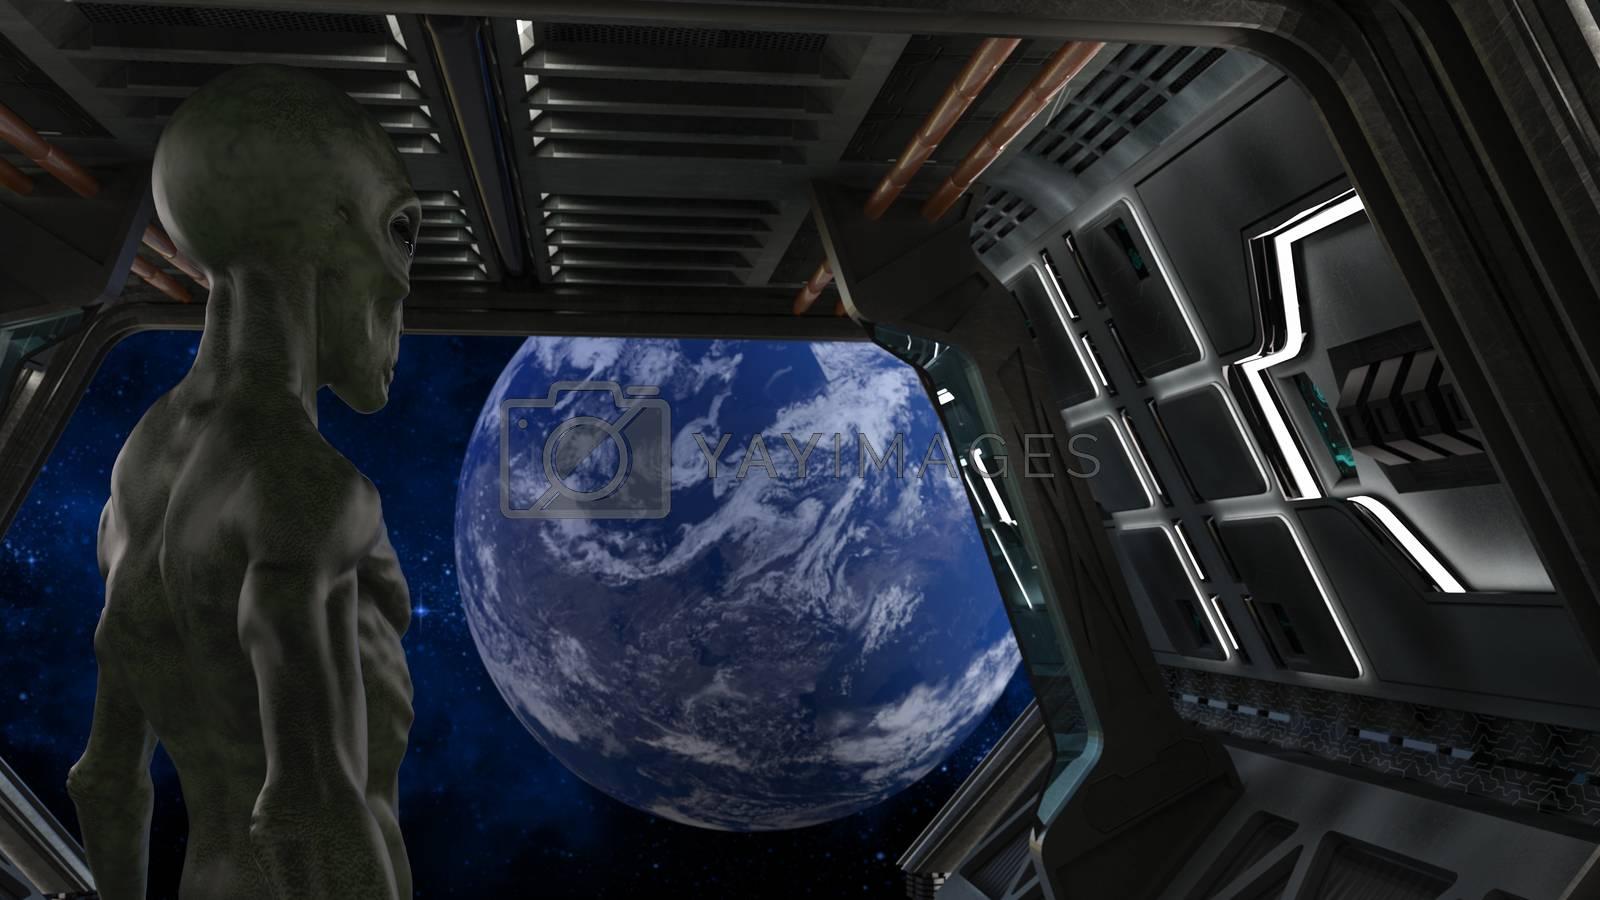 Fantasy alien in a spaceship looking earth - 3d rendering